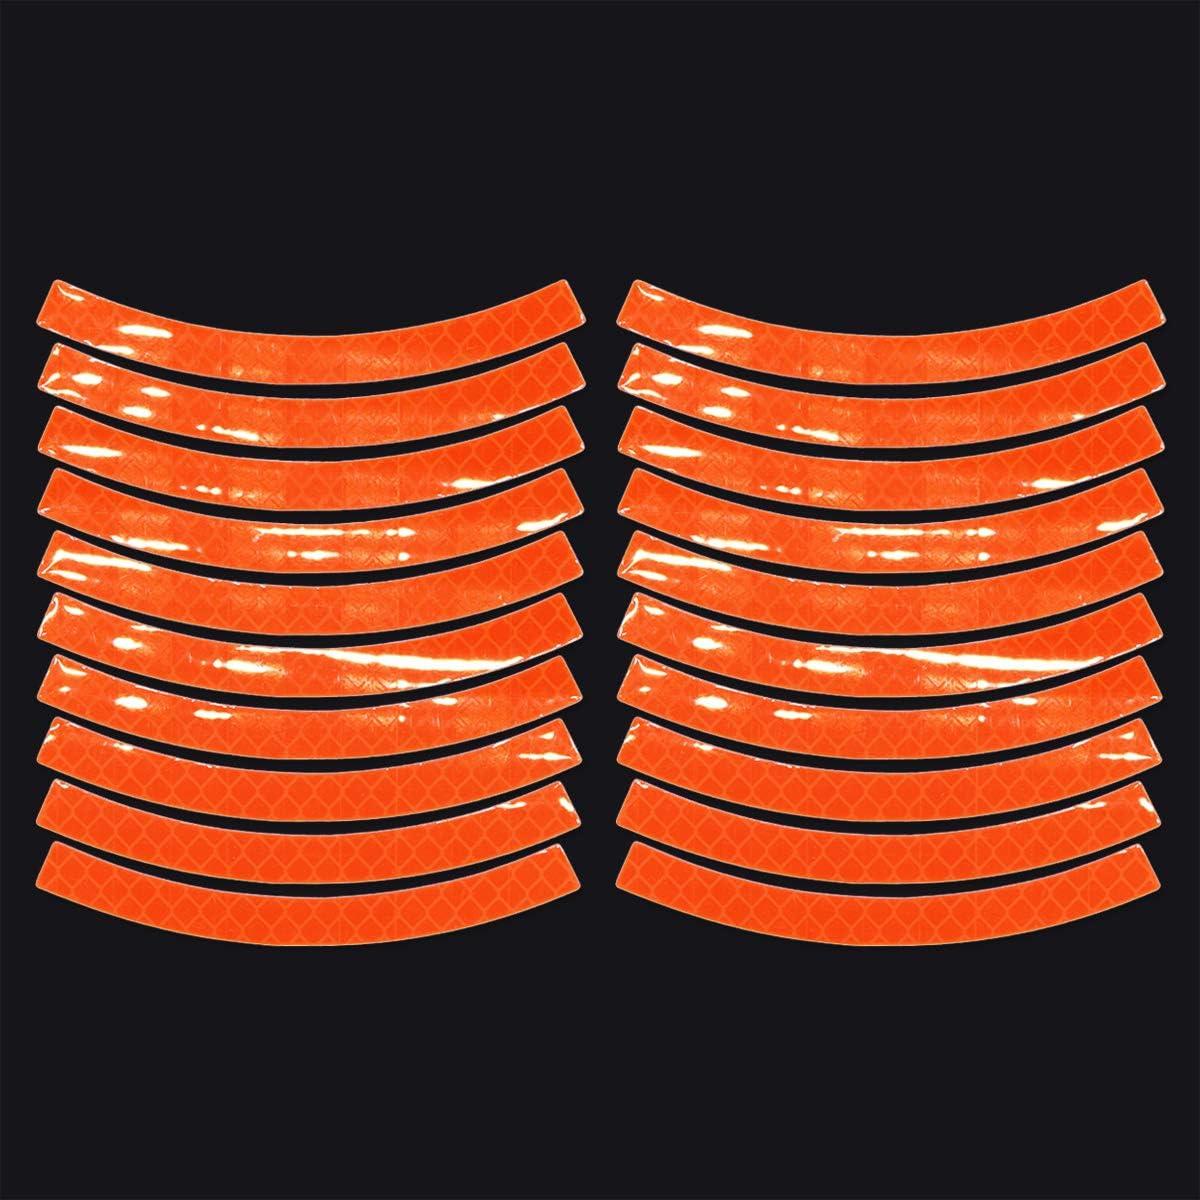 Jouets JCstarrie Autocollants de r/éflecteur Kit de 20 Rubans adh/ésifs r/éfl/échissants r/étro Adh/ésif Universel pour v/élo S/écurit/é de visibilit/é Nocturne Moto Scooter Casque de Jantes